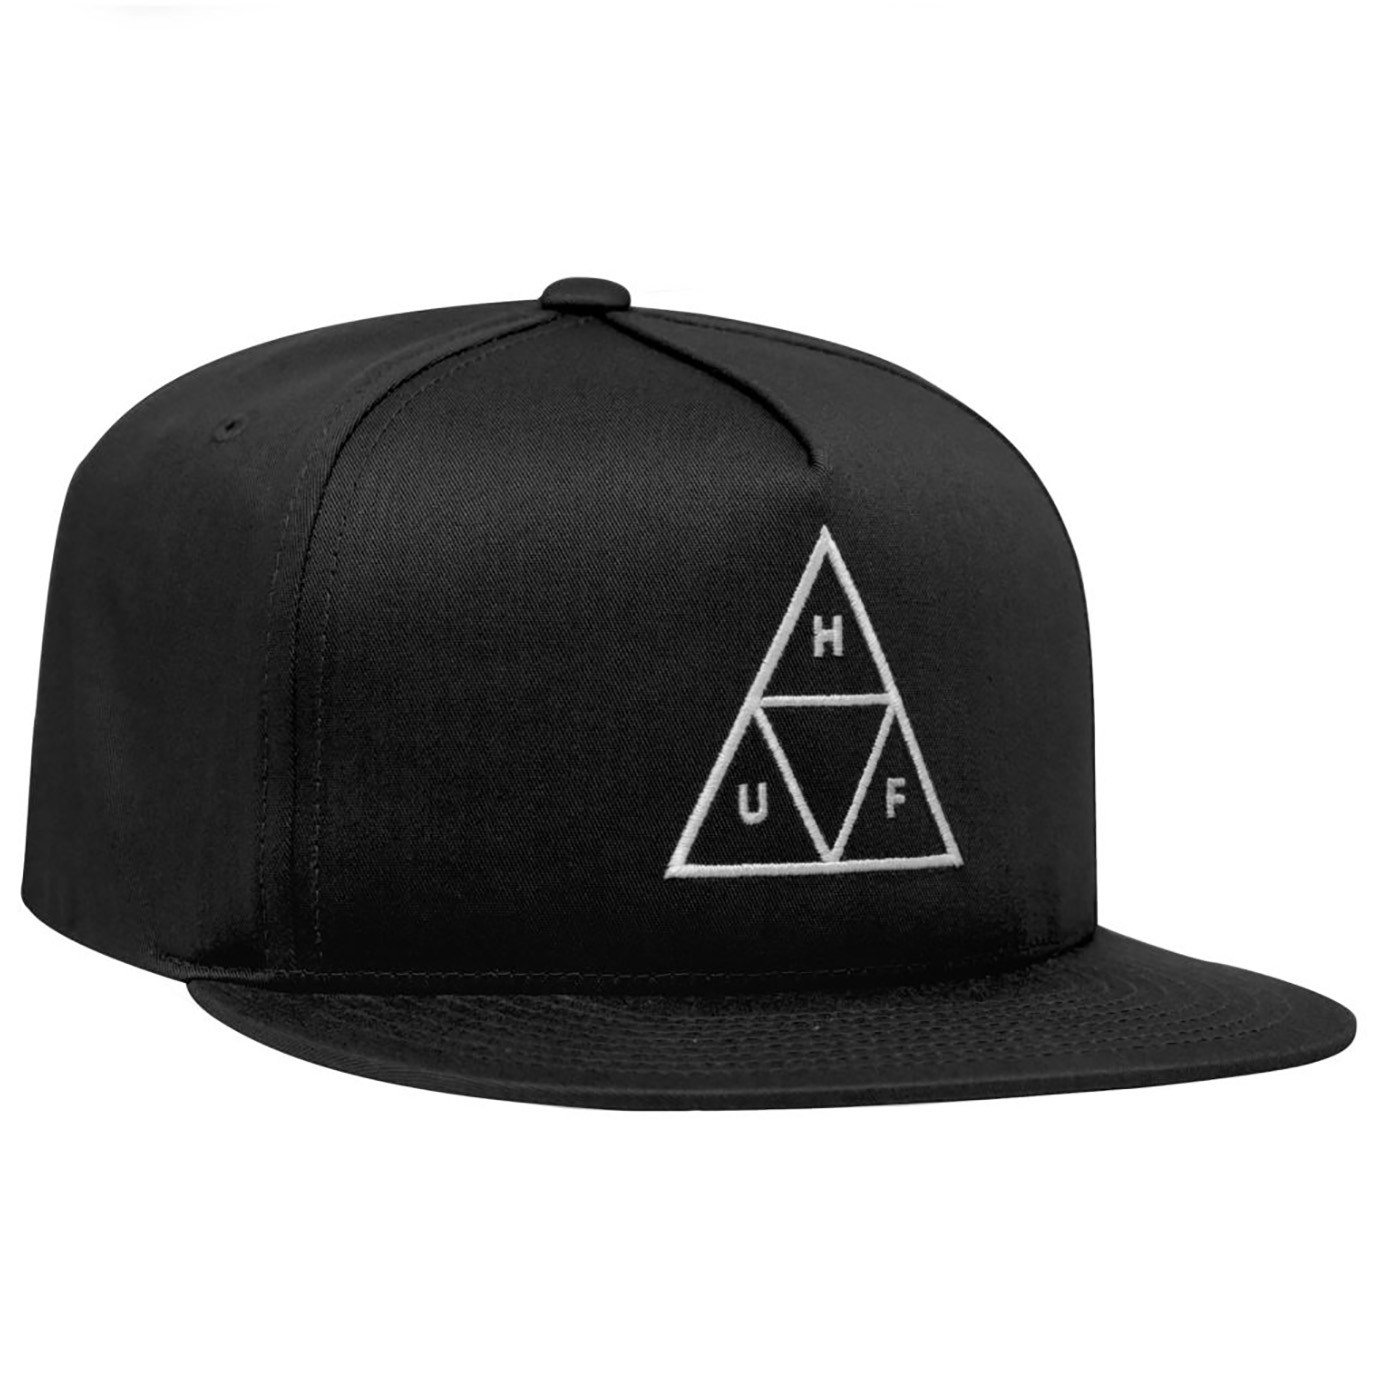 b599c1d43 HUF Essentials Triple Triangle Snapback Hat